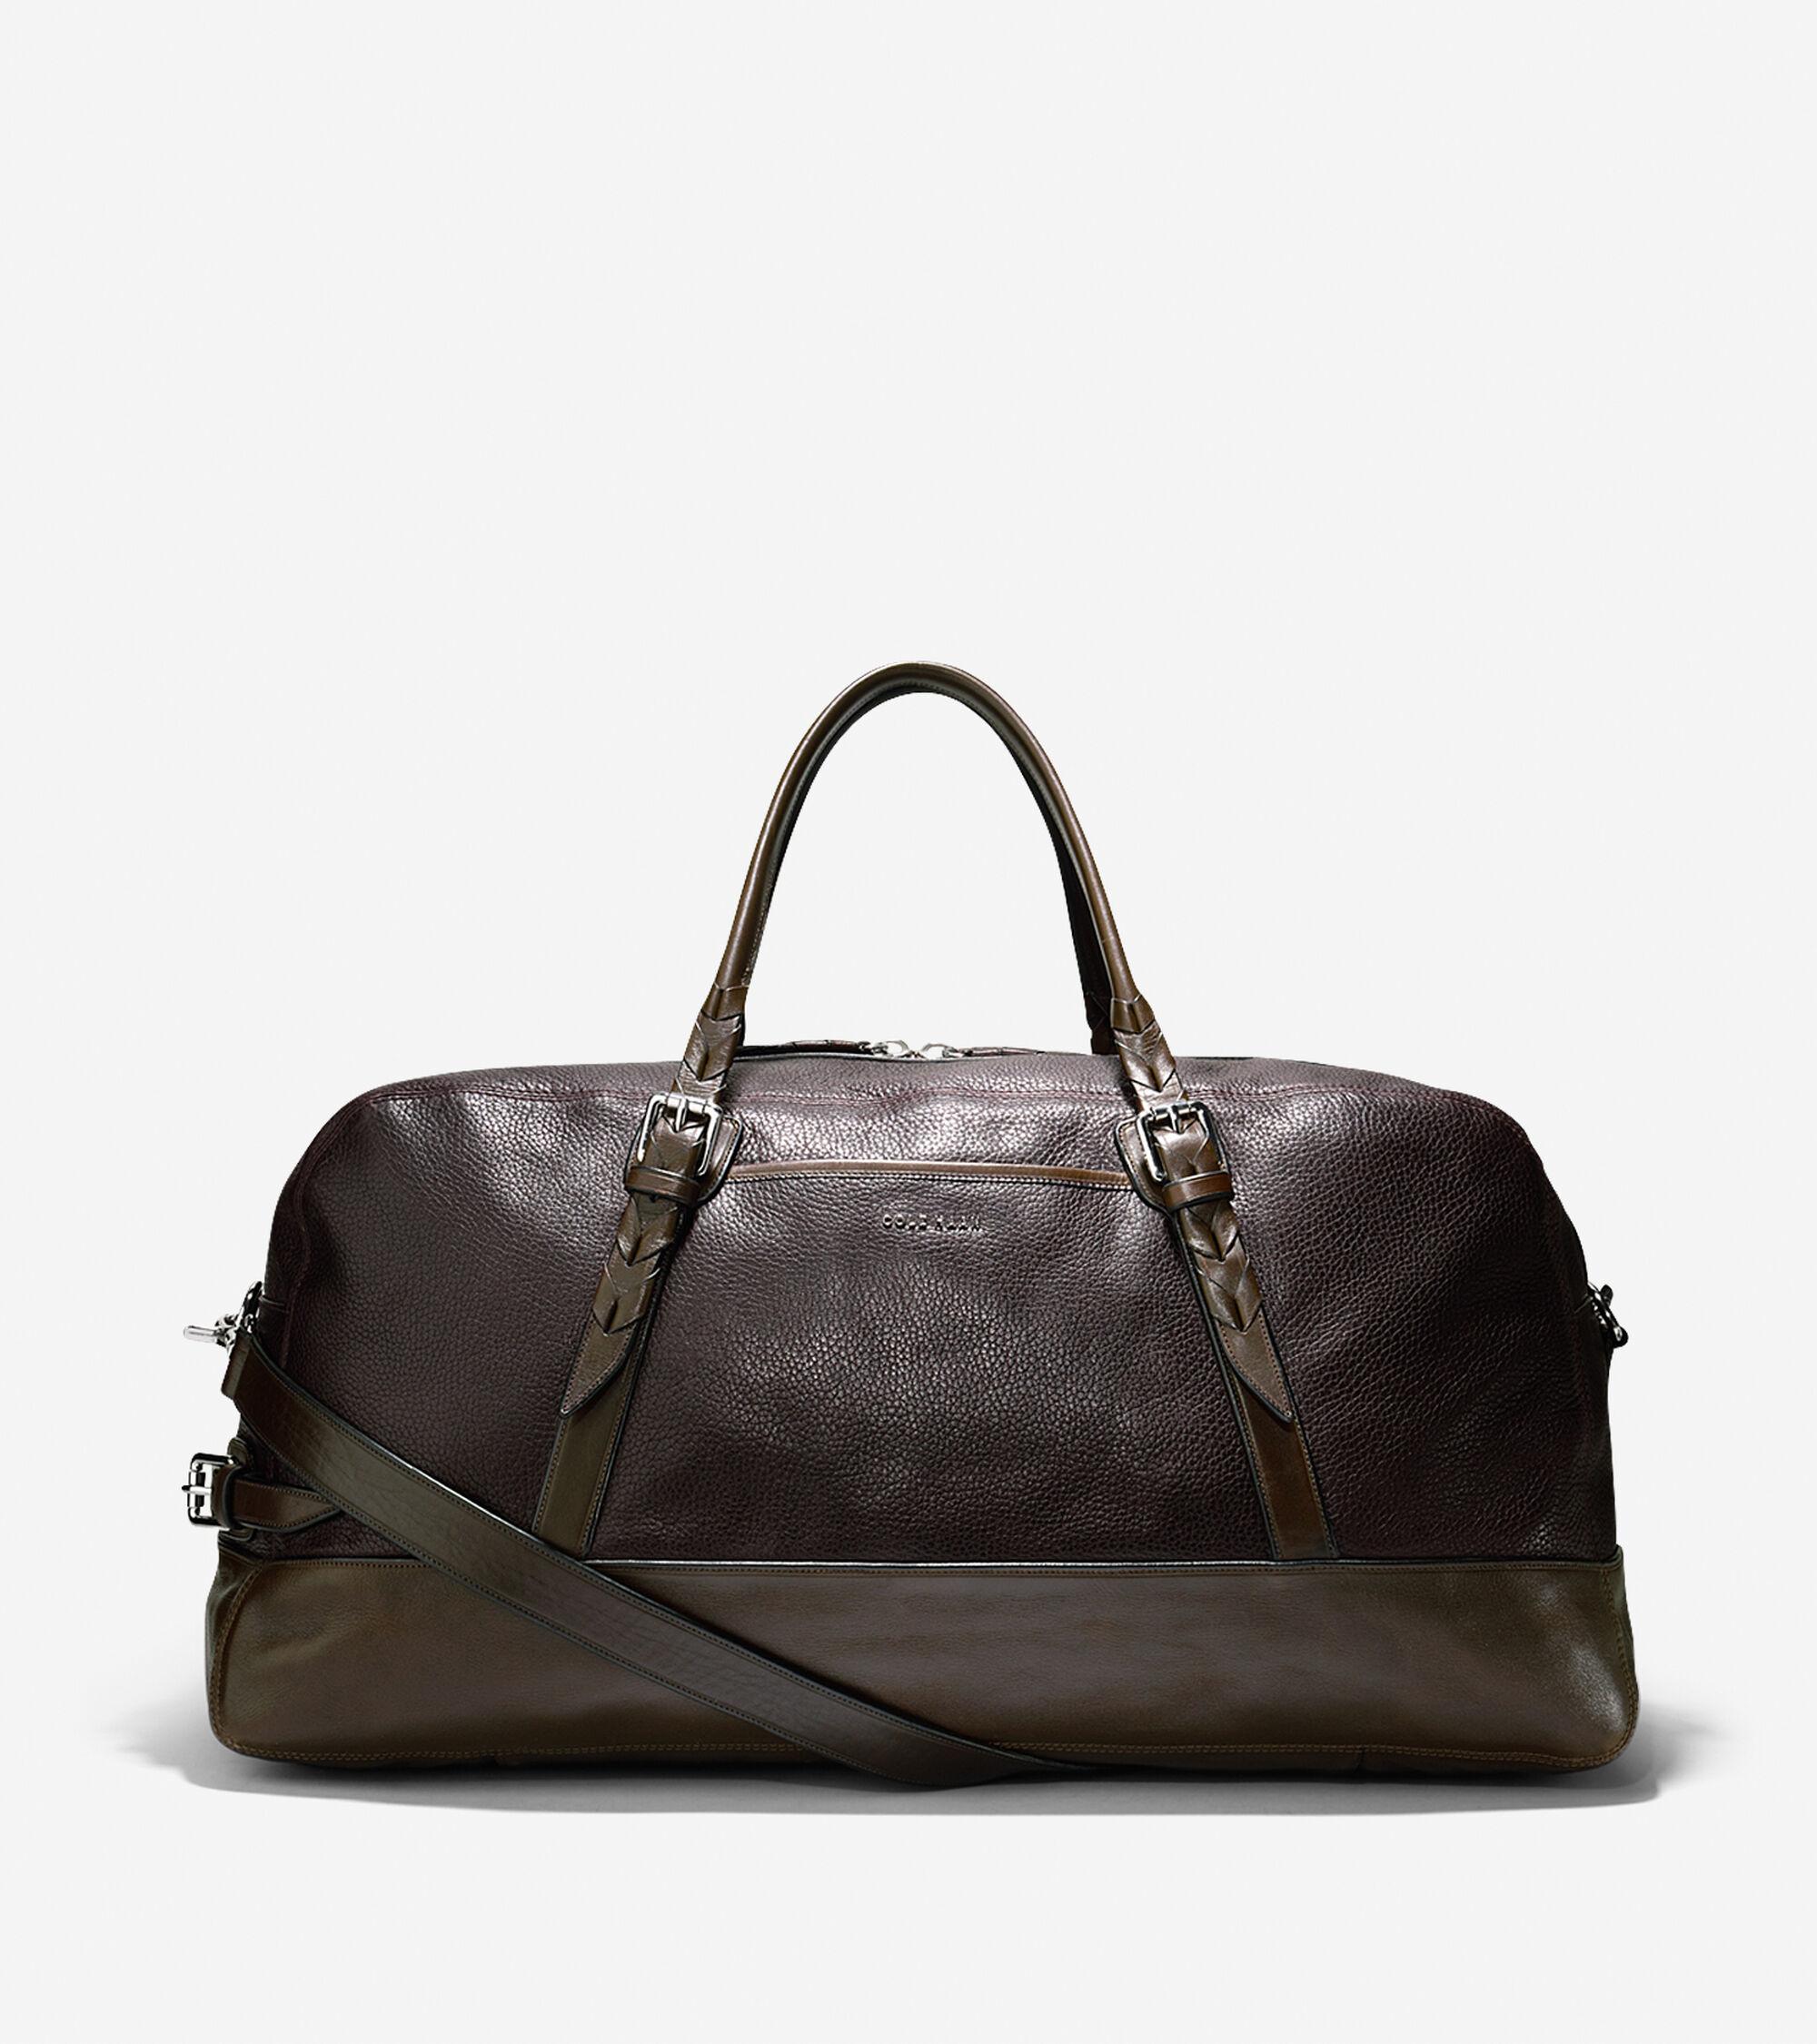 Briefs & Bags > Truman Duffle